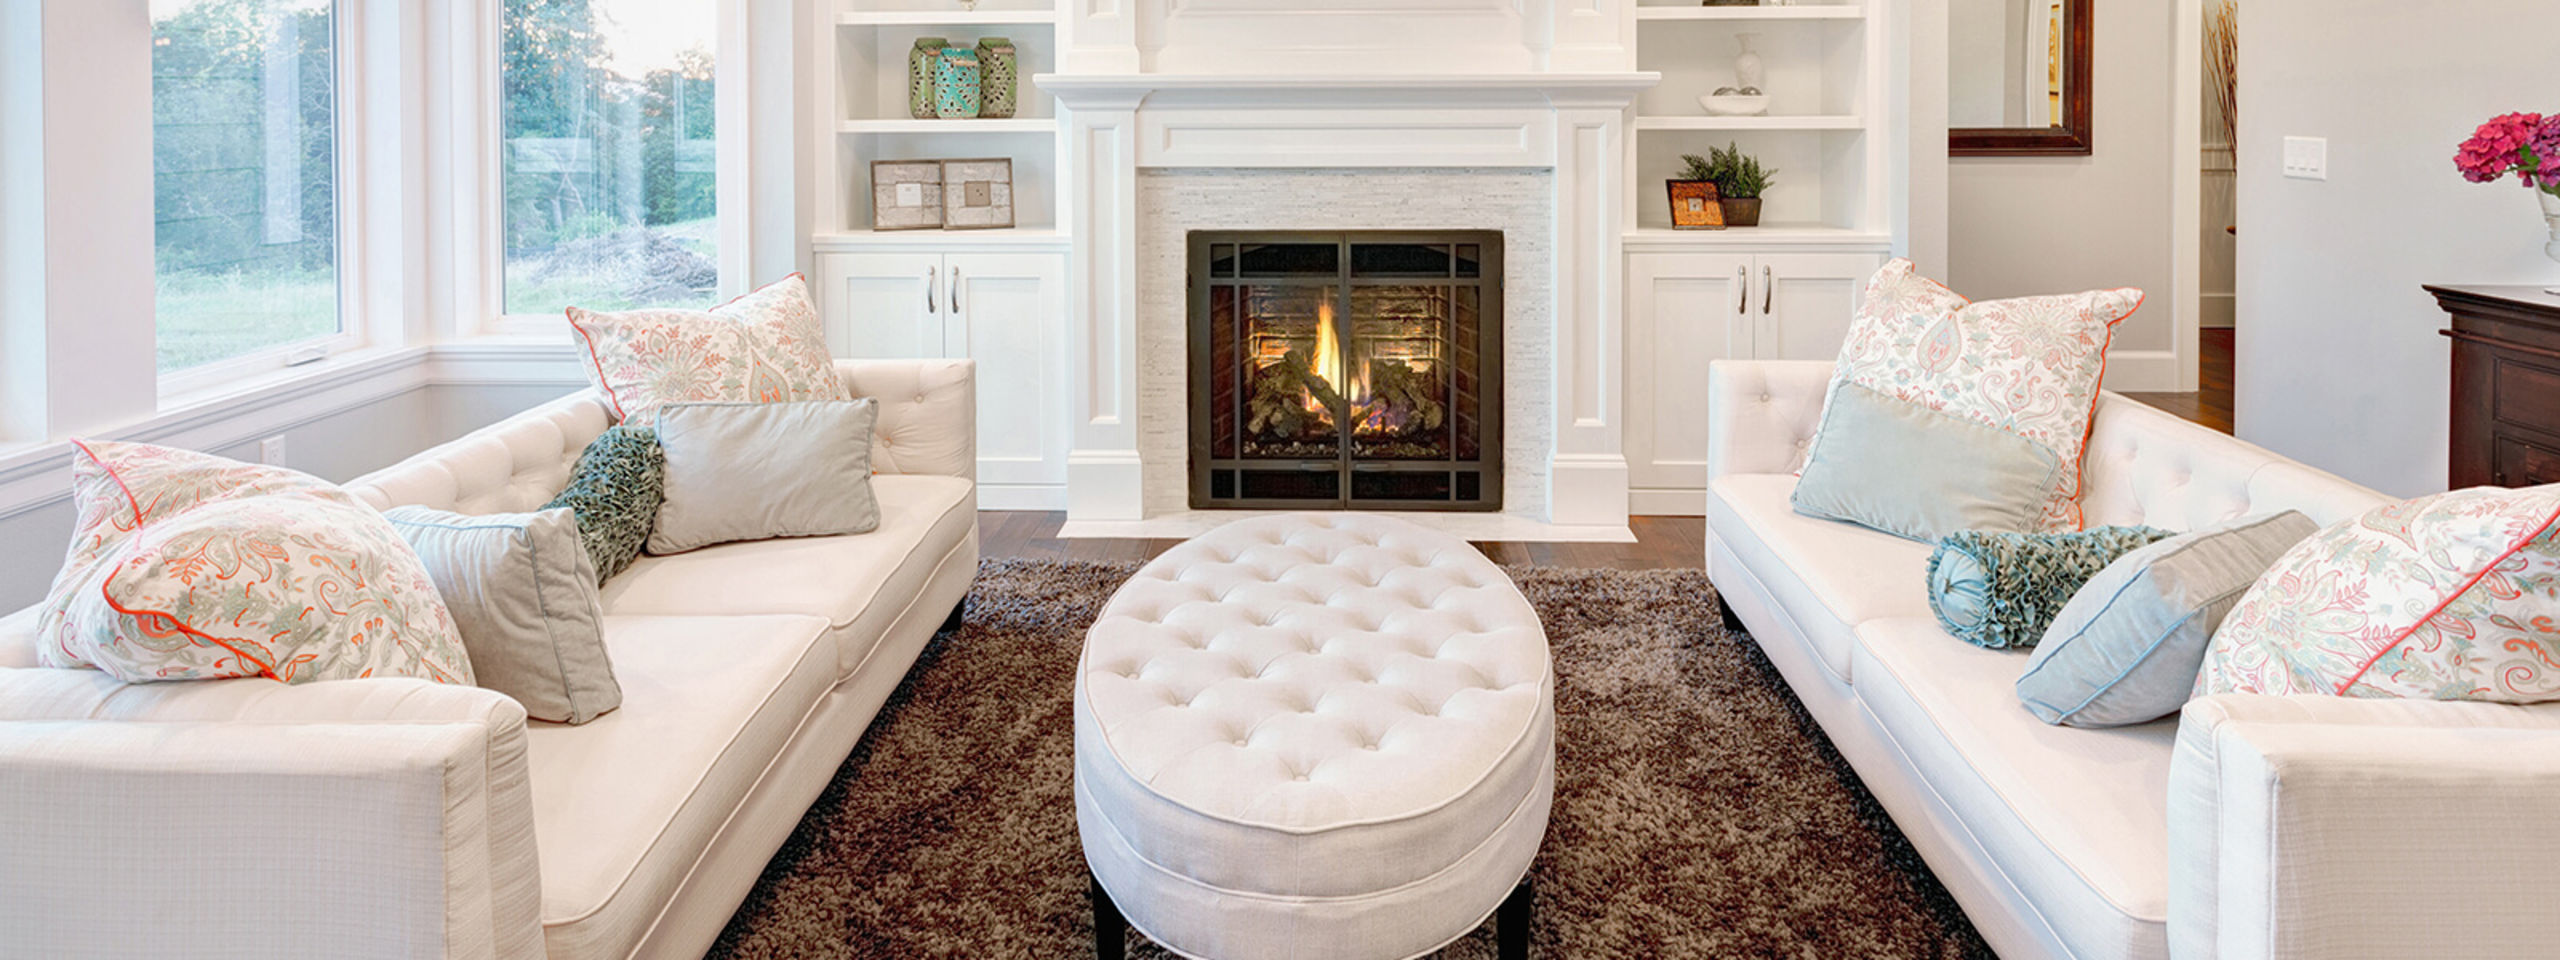 Cozy spaces to entertain